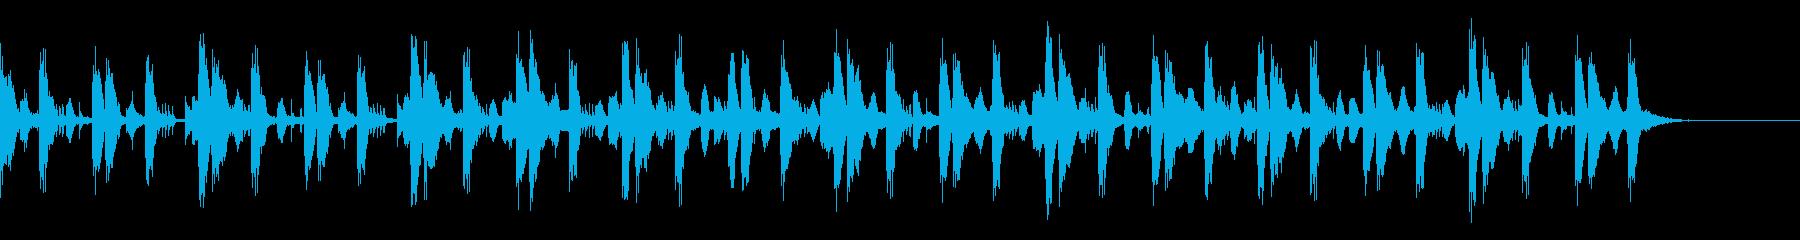 現代的なストリングスのCM用BGMの再生済みの波形